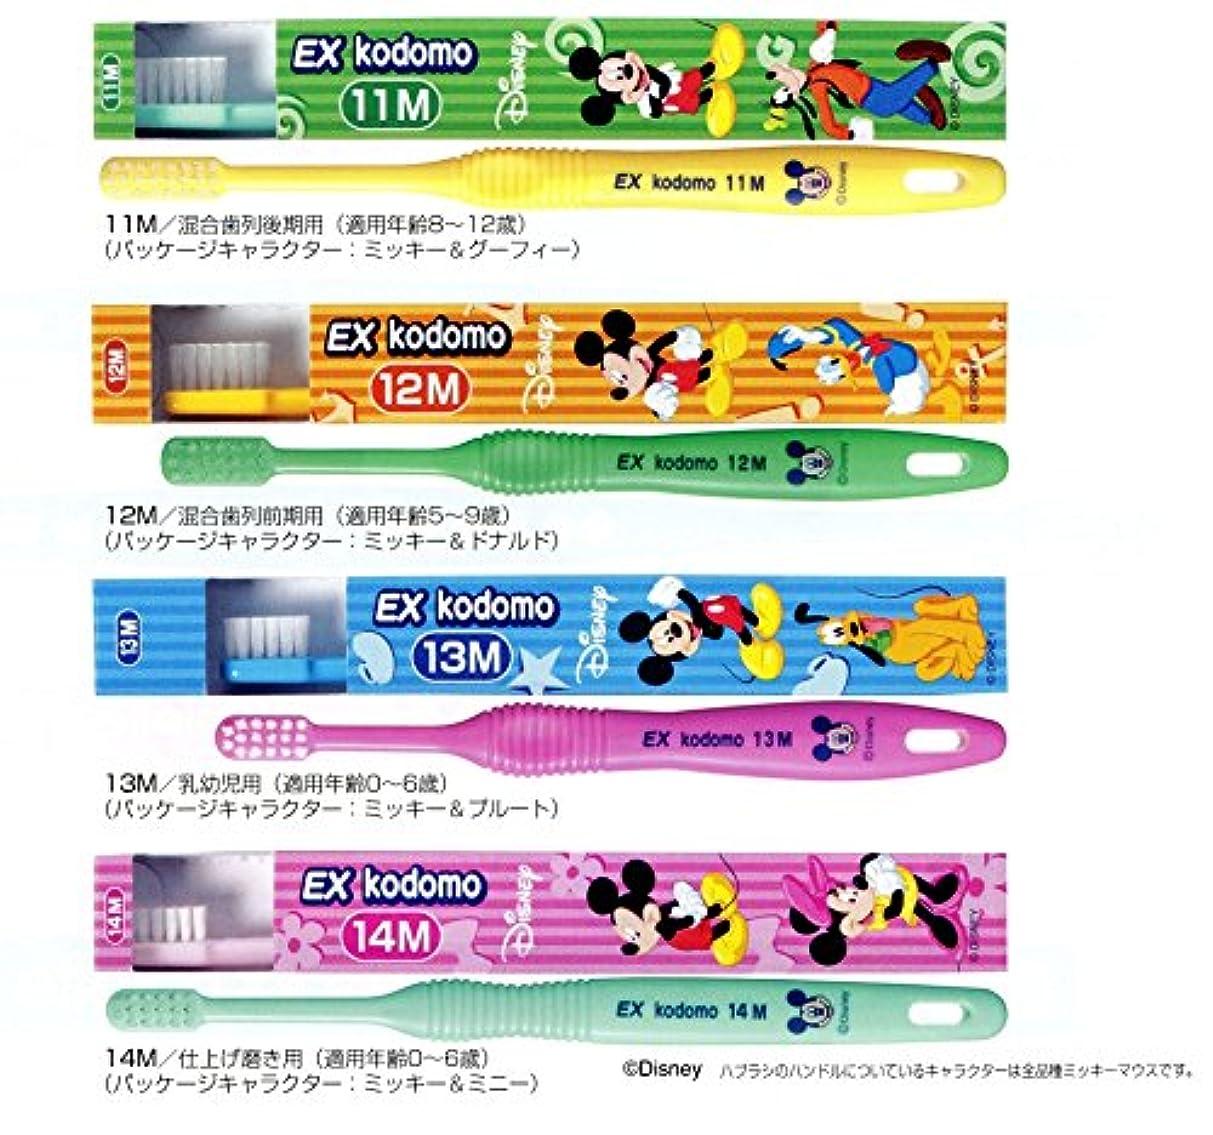 見つける生産性破滅ライオン コドモ ディズニー DENT.EX kodomo Disney 1本 11M イエロー (8?12歳)